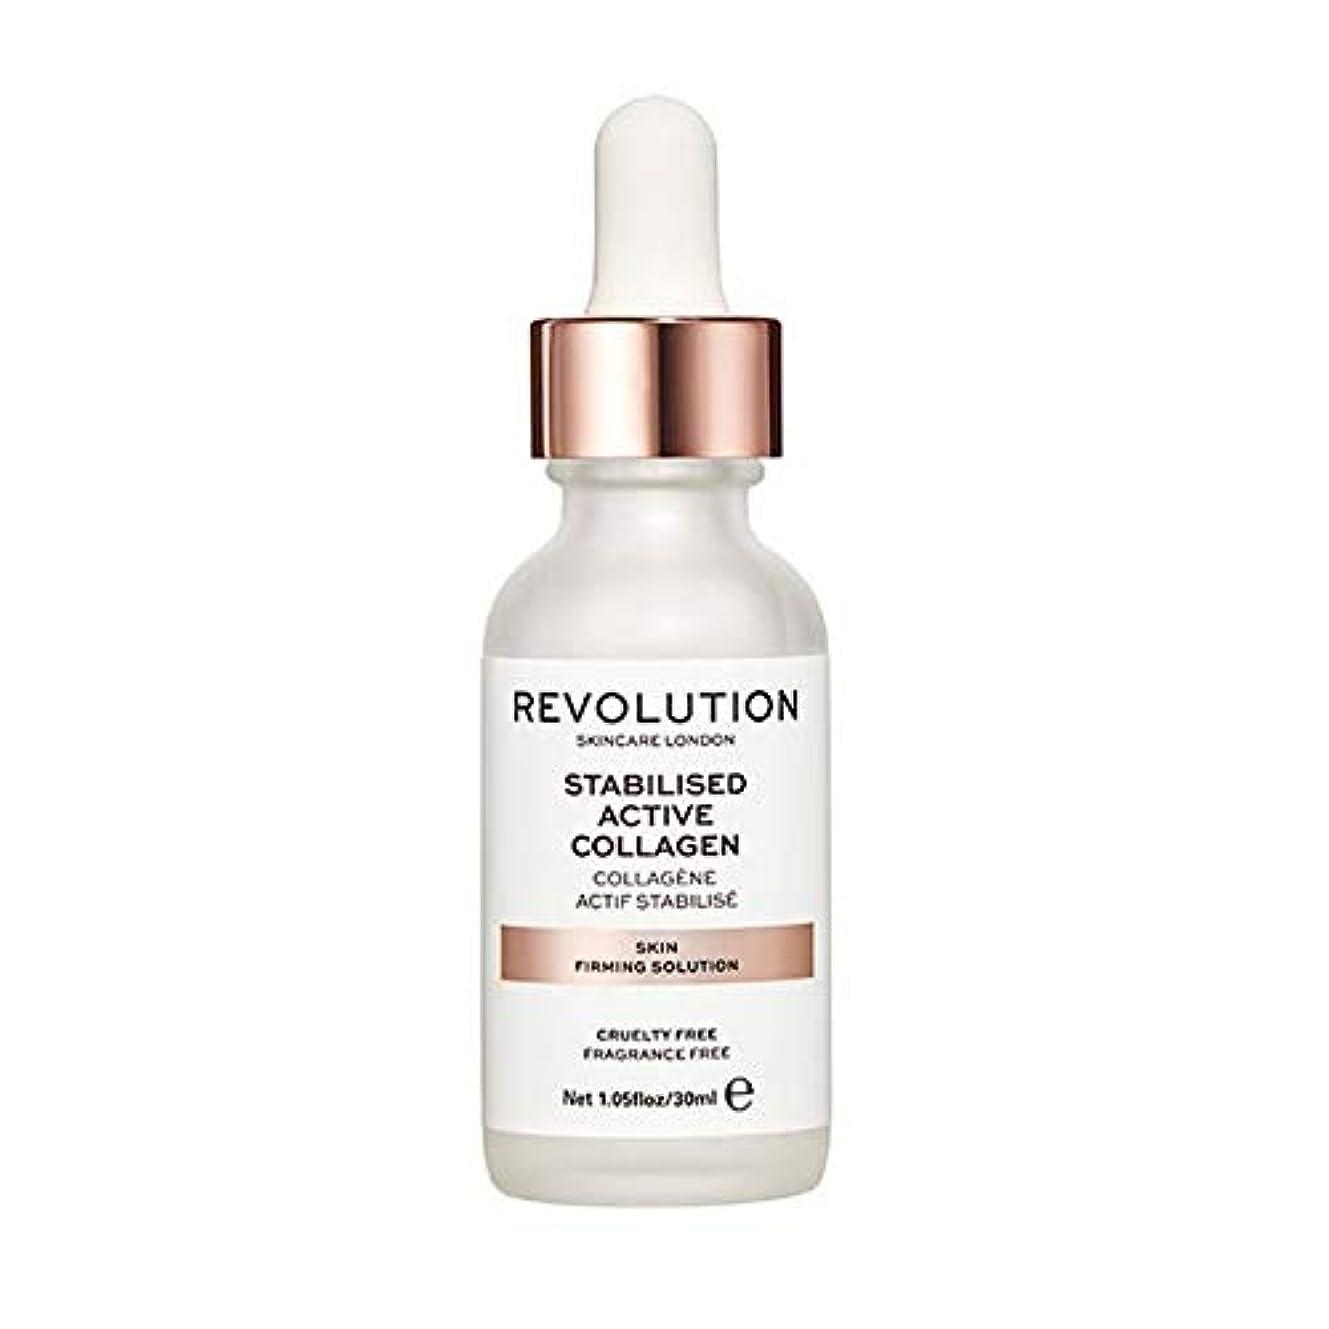 アドバンテージオーバーヘッドコーヒー[Revolution ] 革命スキンケア肌の引き締めソリューション - Revolution Skincare Skin Firming Solution [並行輸入品]